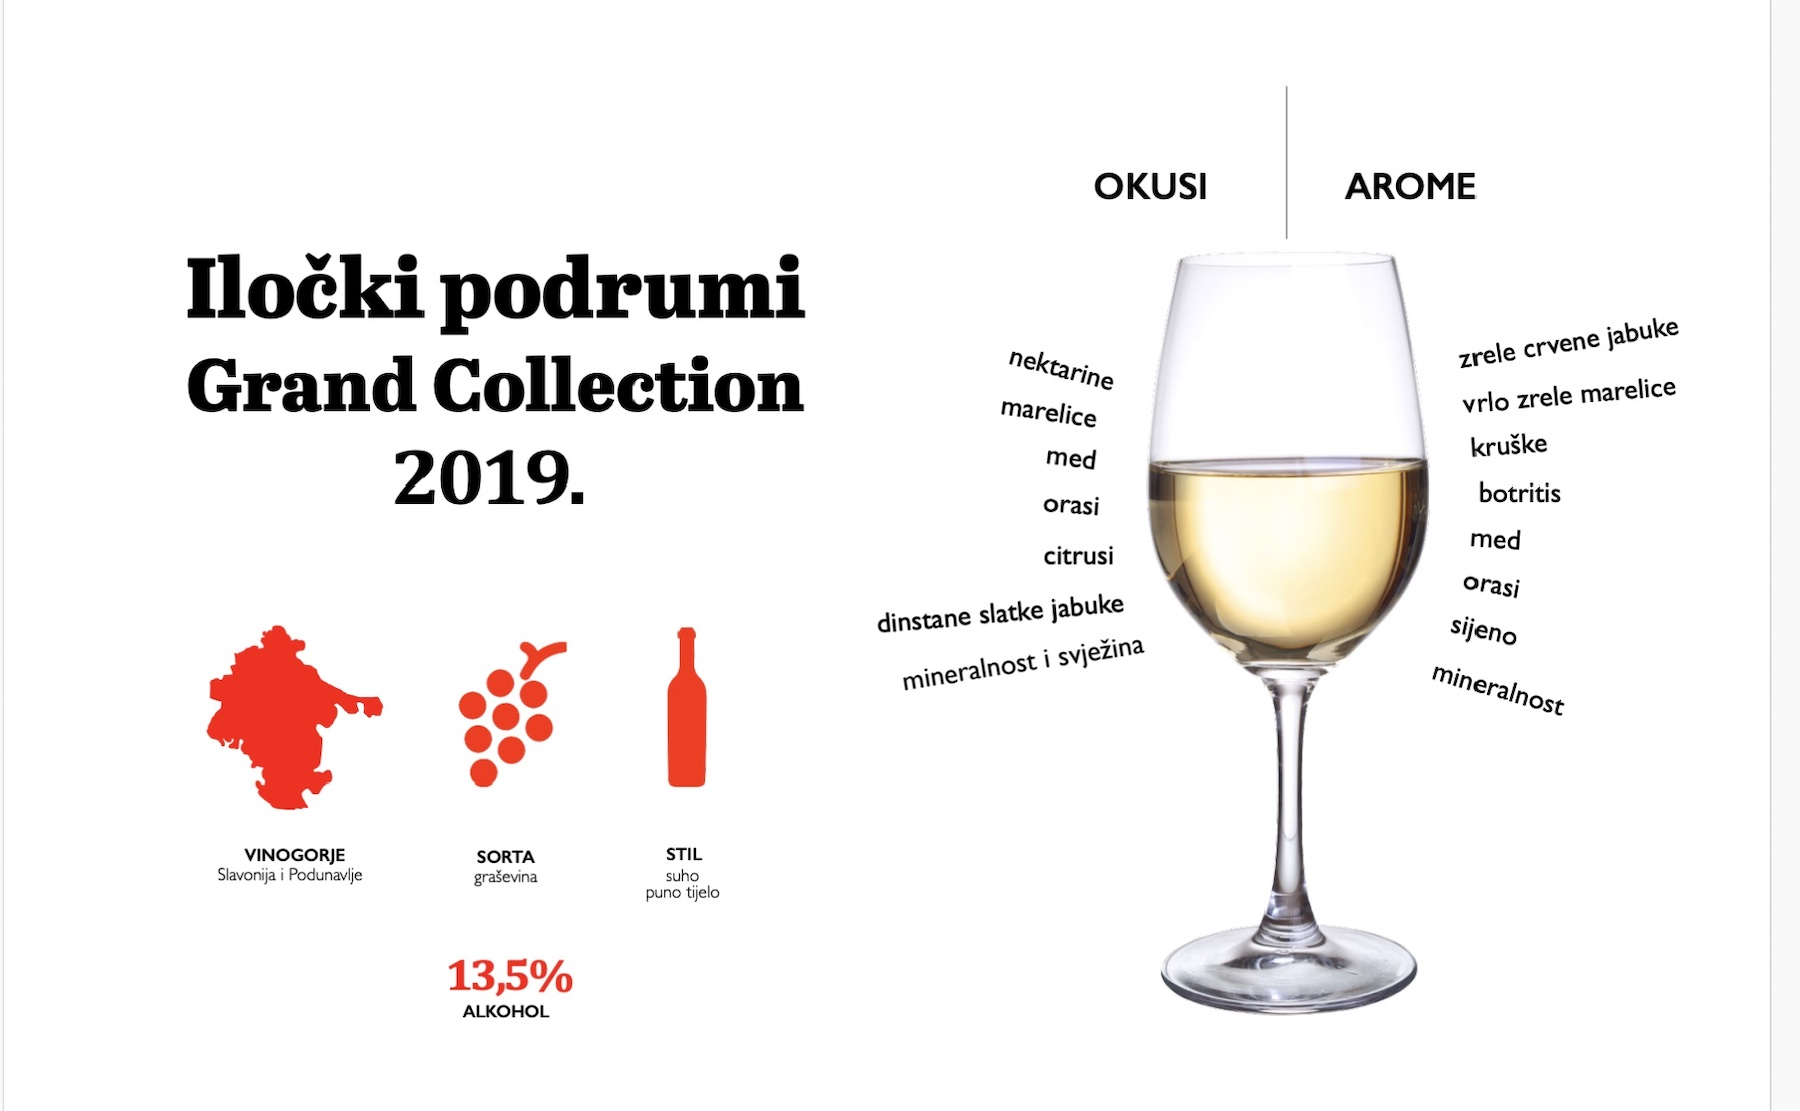 ilocki-podrumi-grand-collection-2019